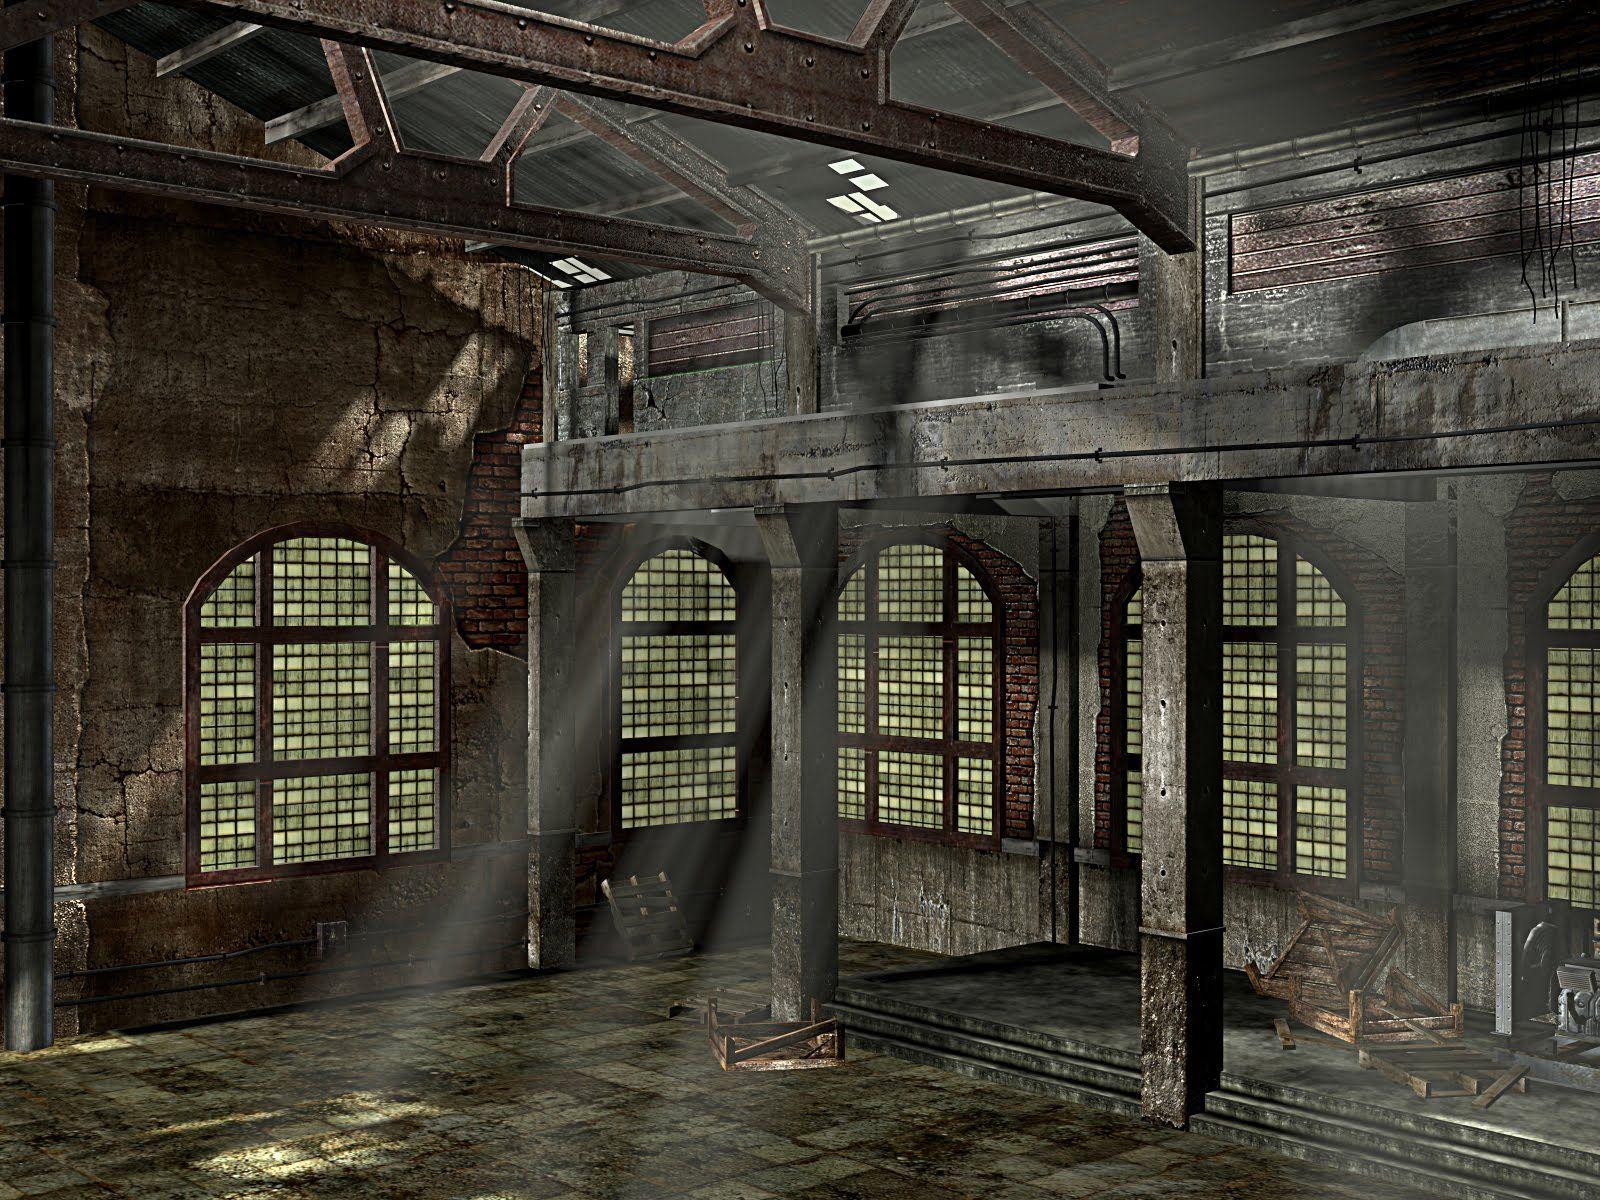 Old Abandoned Factory | abandoned | Pinterest | Abandoned ...  Old Abandoned F...